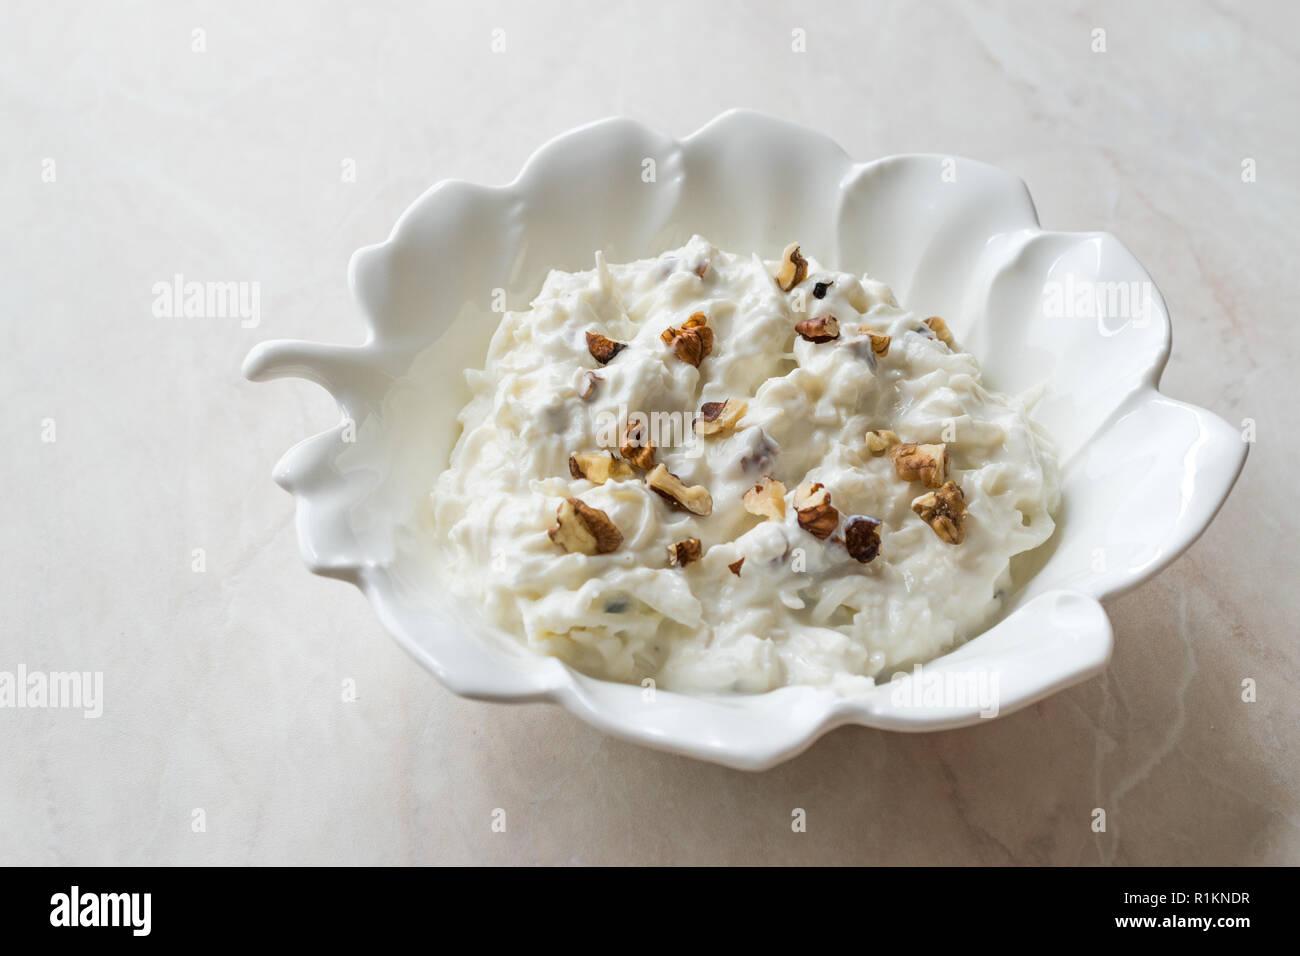 Salade de céleri avec du yaourt et des noix en forme de feuille d'exposition. L'alimentation biologique. Banque D'Images